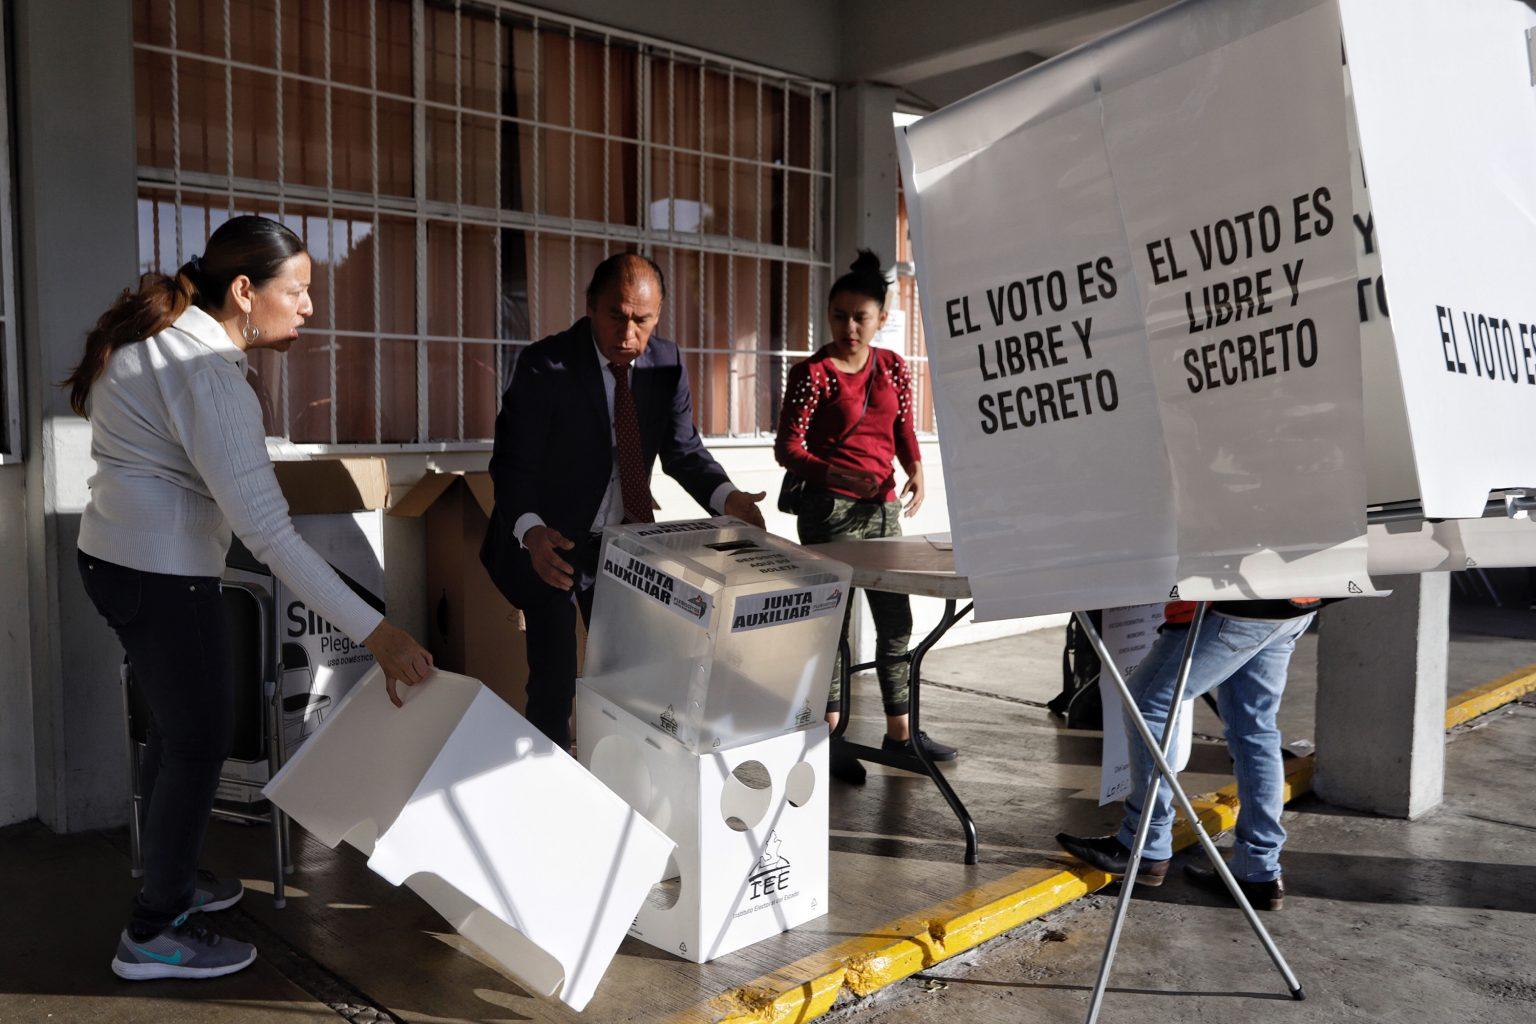 Todo está listo para que se lleve a cabo la jornada electoral del próximo 6 de junio en Puebla